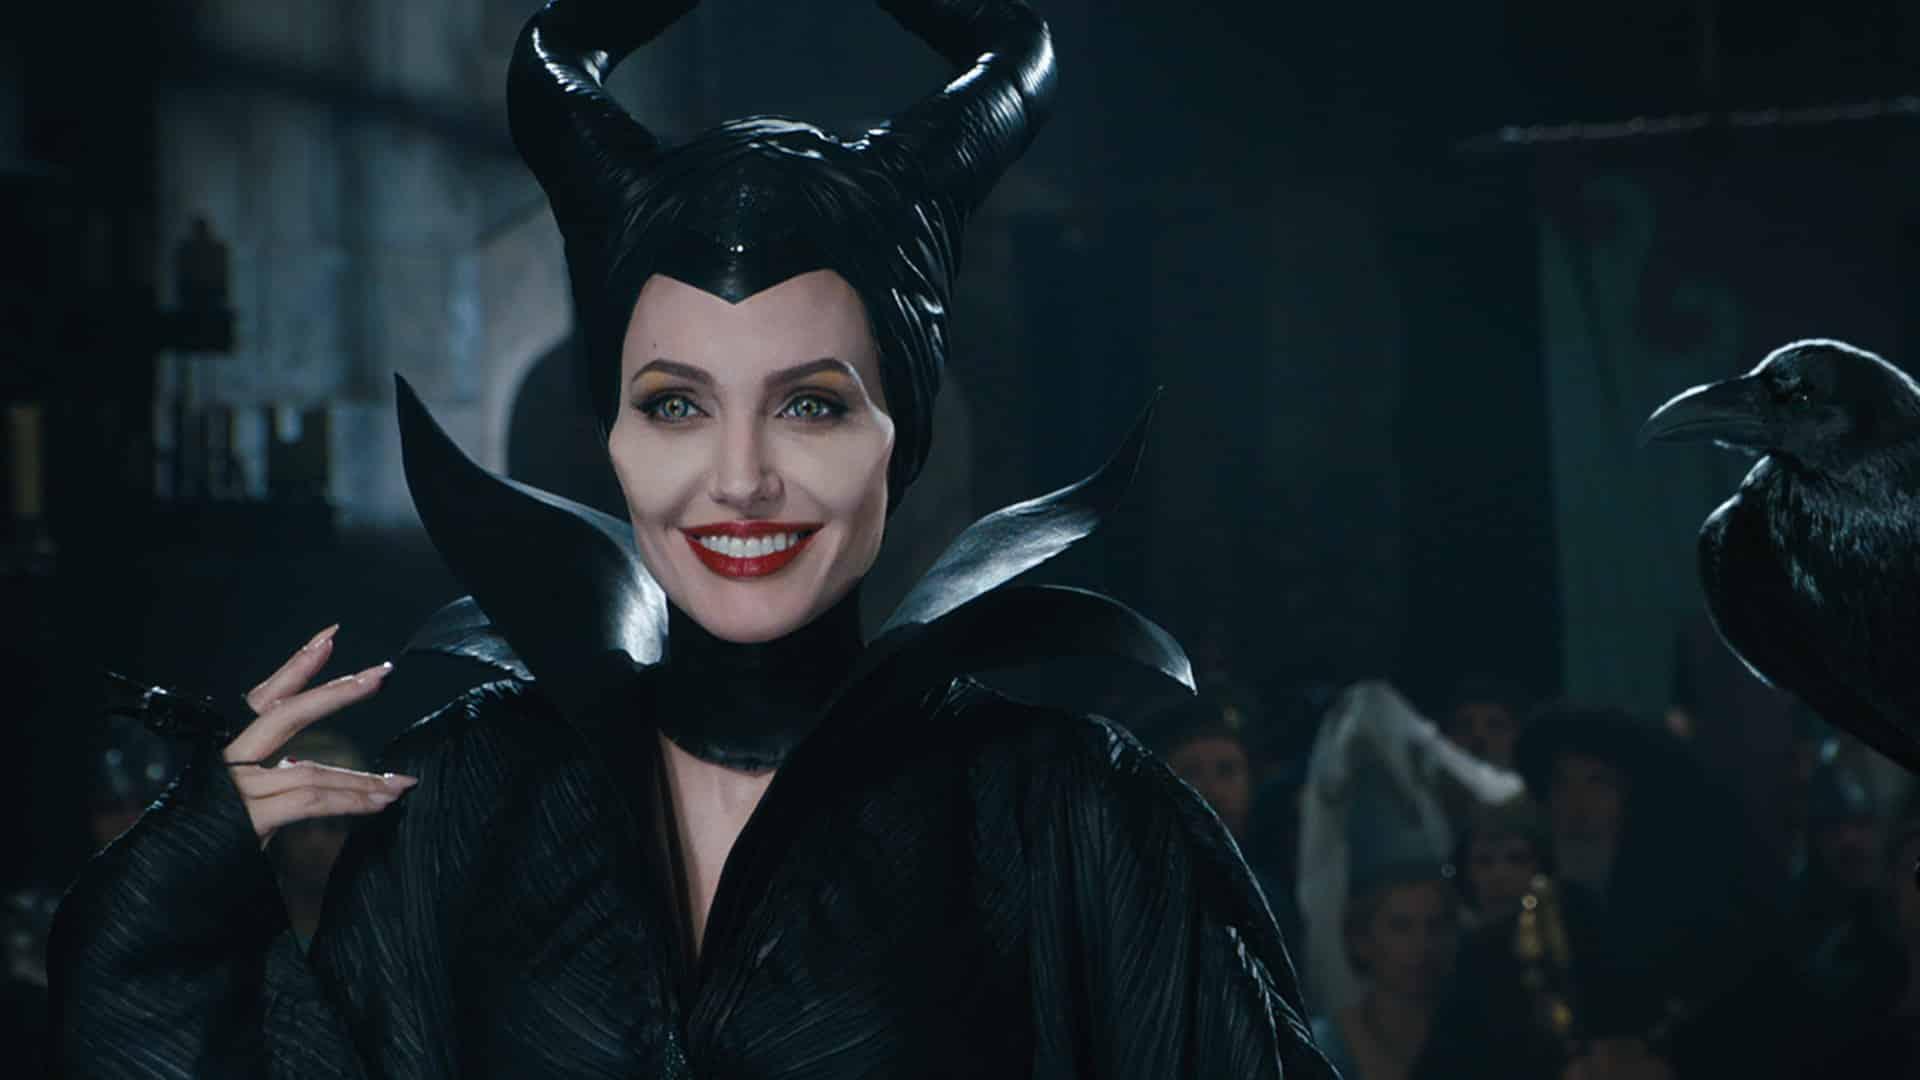 pokračovanie filmu Maleficent